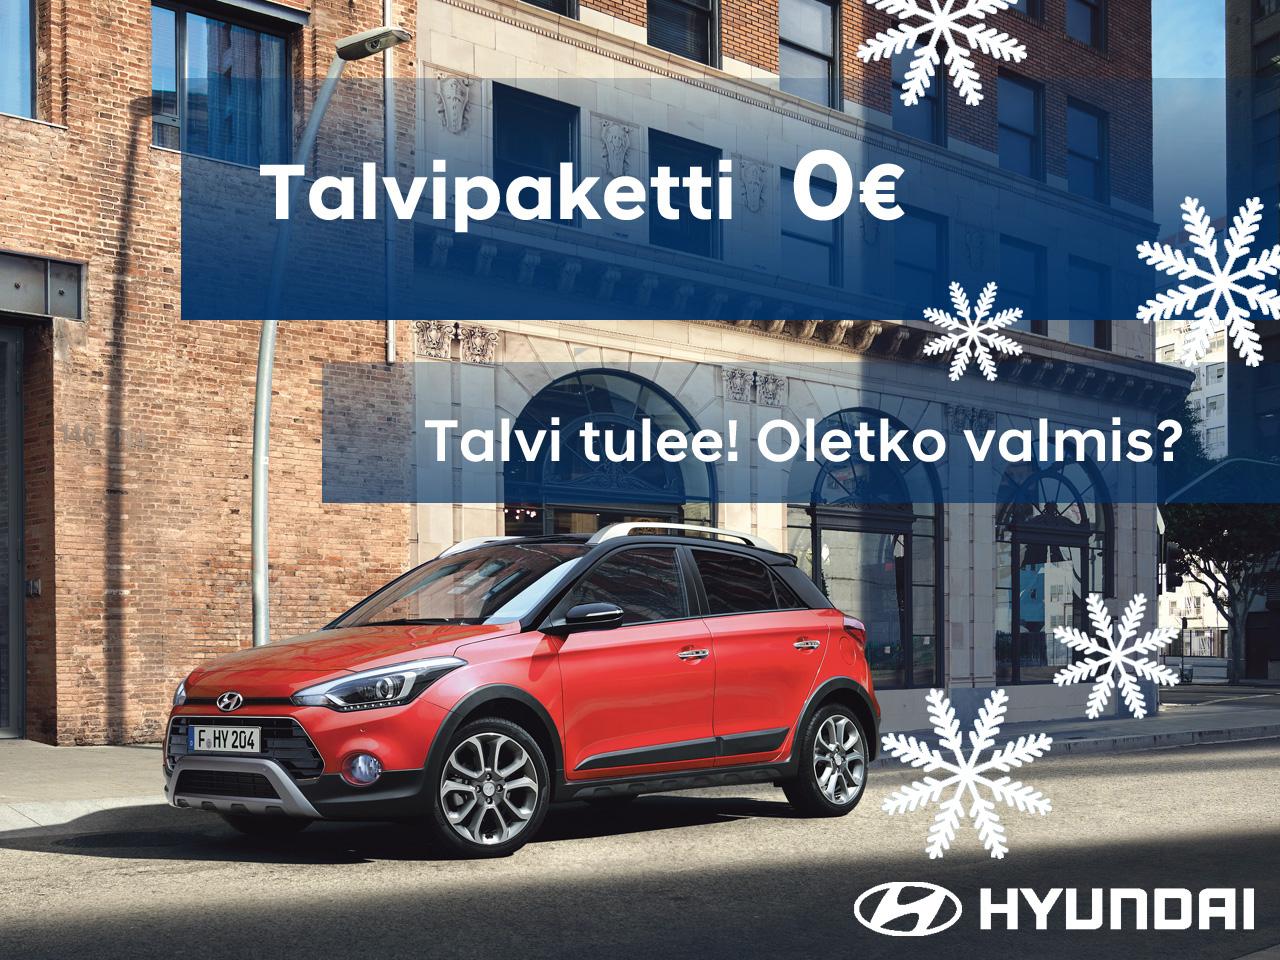 Erään Hyundai i20 ja i30 malleja talvipaketti 0 €